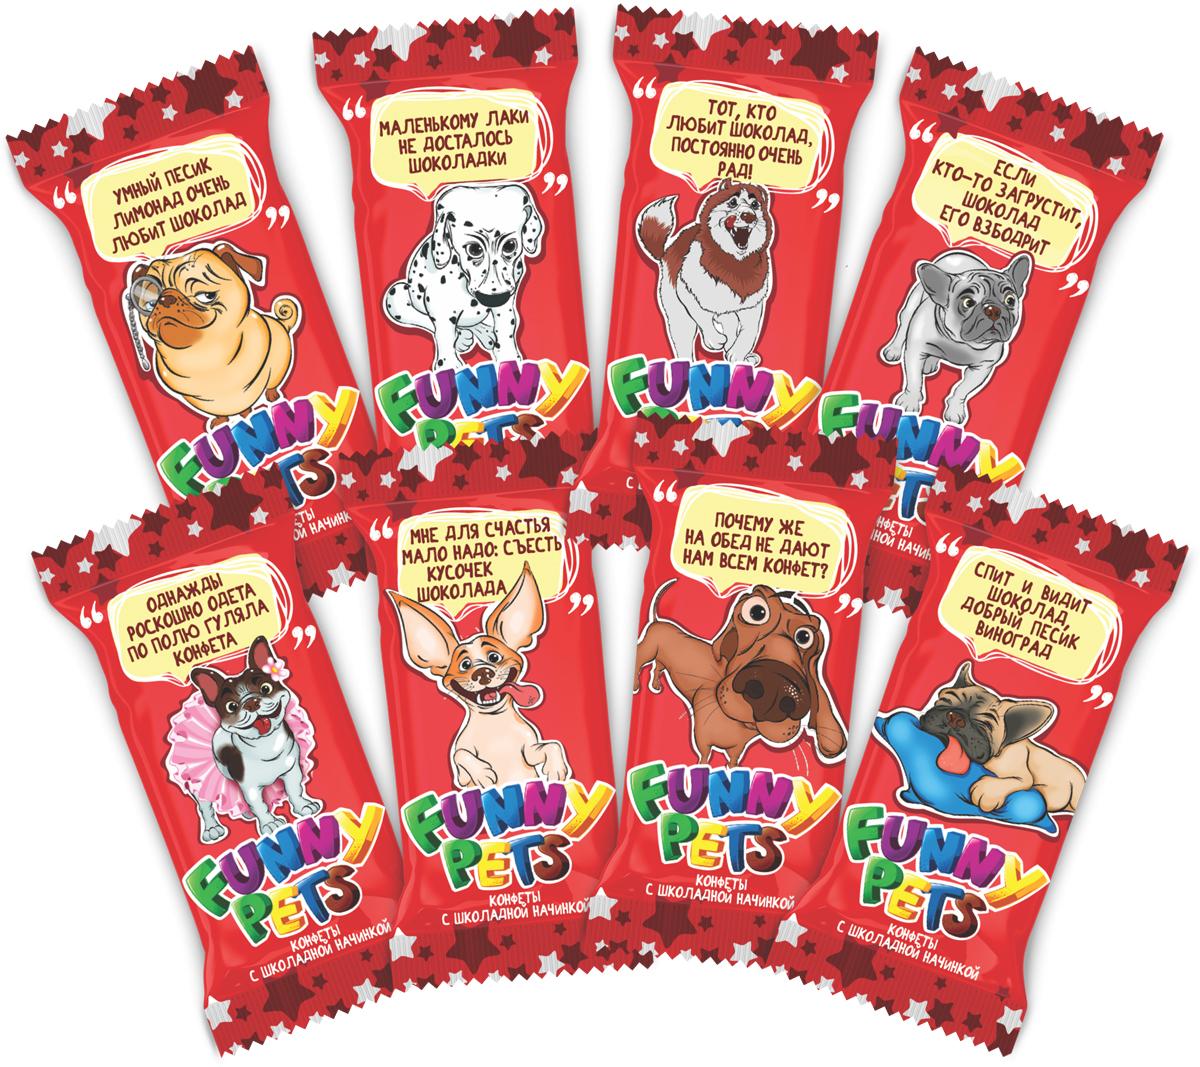 Кондитерская фабрика Богатырь Funny Pets с шоколадной начинкой, 1 кг конфеты азовская кондитерская фабрика азовская молочная 300г